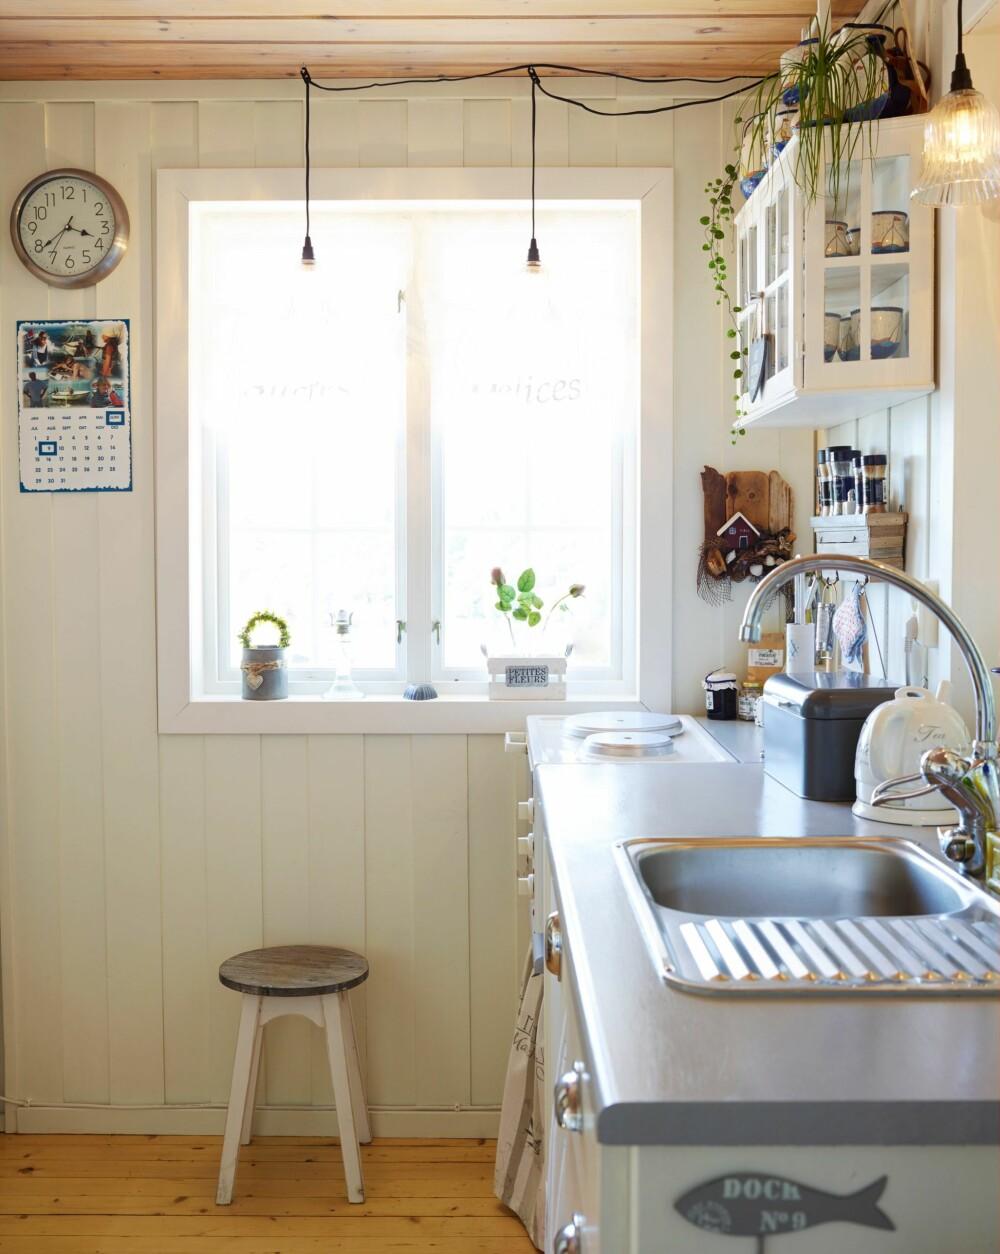 ORIGINAL INNREDNING: I det første kjøkkenet, tidlig på 50-tallet, var innredningen en benk med to gassbluss, og et gasskjøleskap. Da en ny generasjon overtok på 70-tallet, satte de inn en  ny innredning i furu. Den har dagens eiere beholdt, men de har malt den hvit og grå.